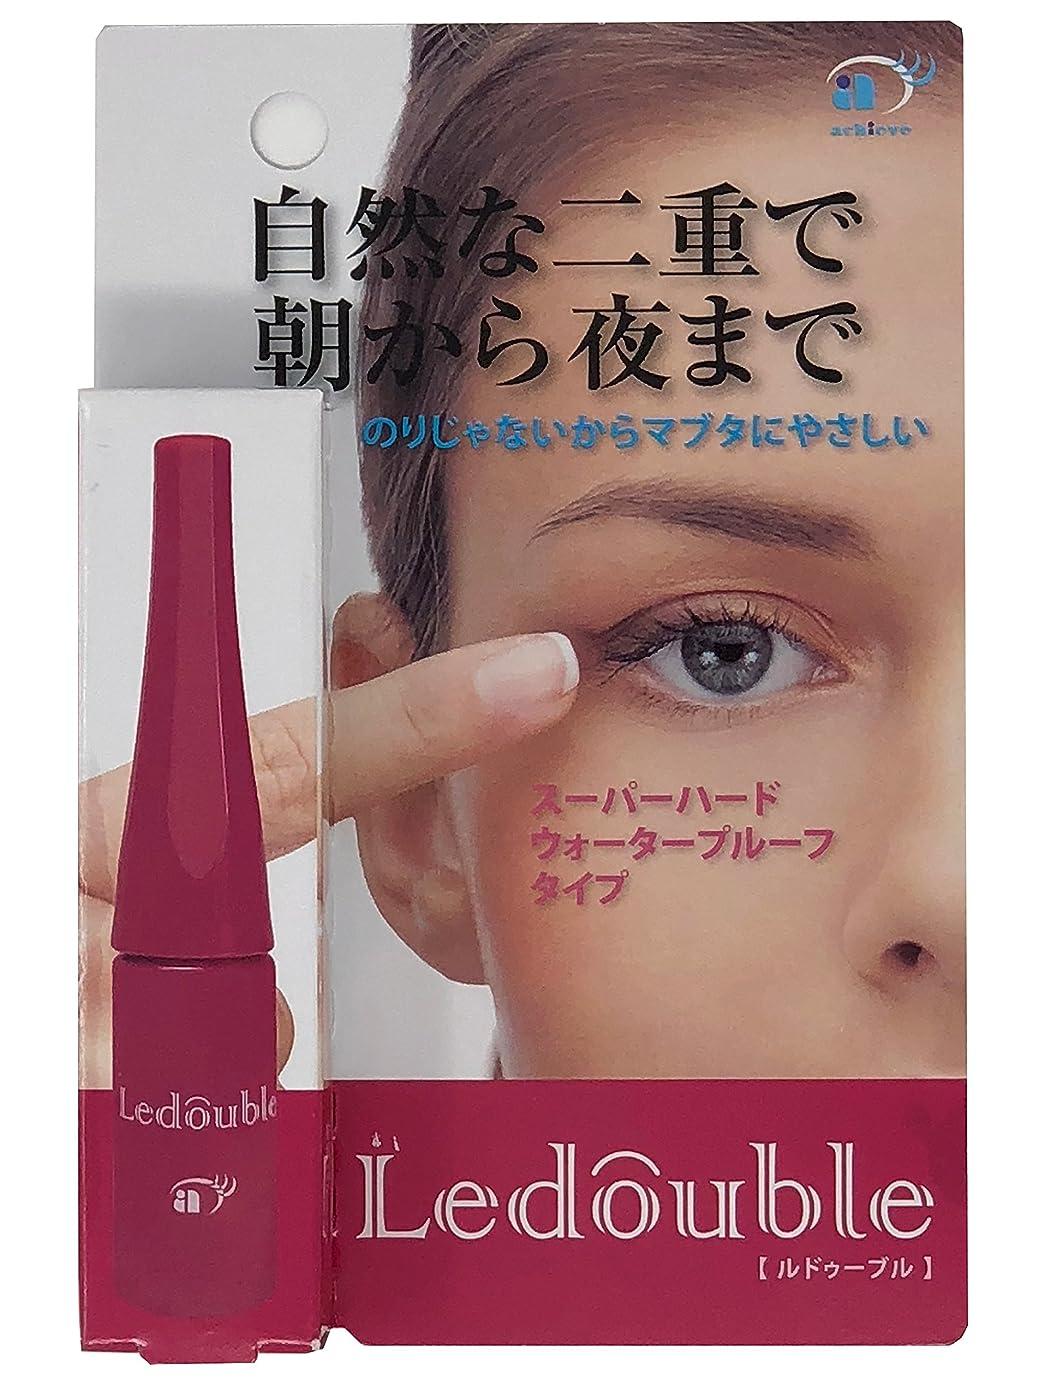 投獄アルコーブ進むLedouble [ルドゥーブル] 二重まぶた化粧品 (4mL) 限定200%増量